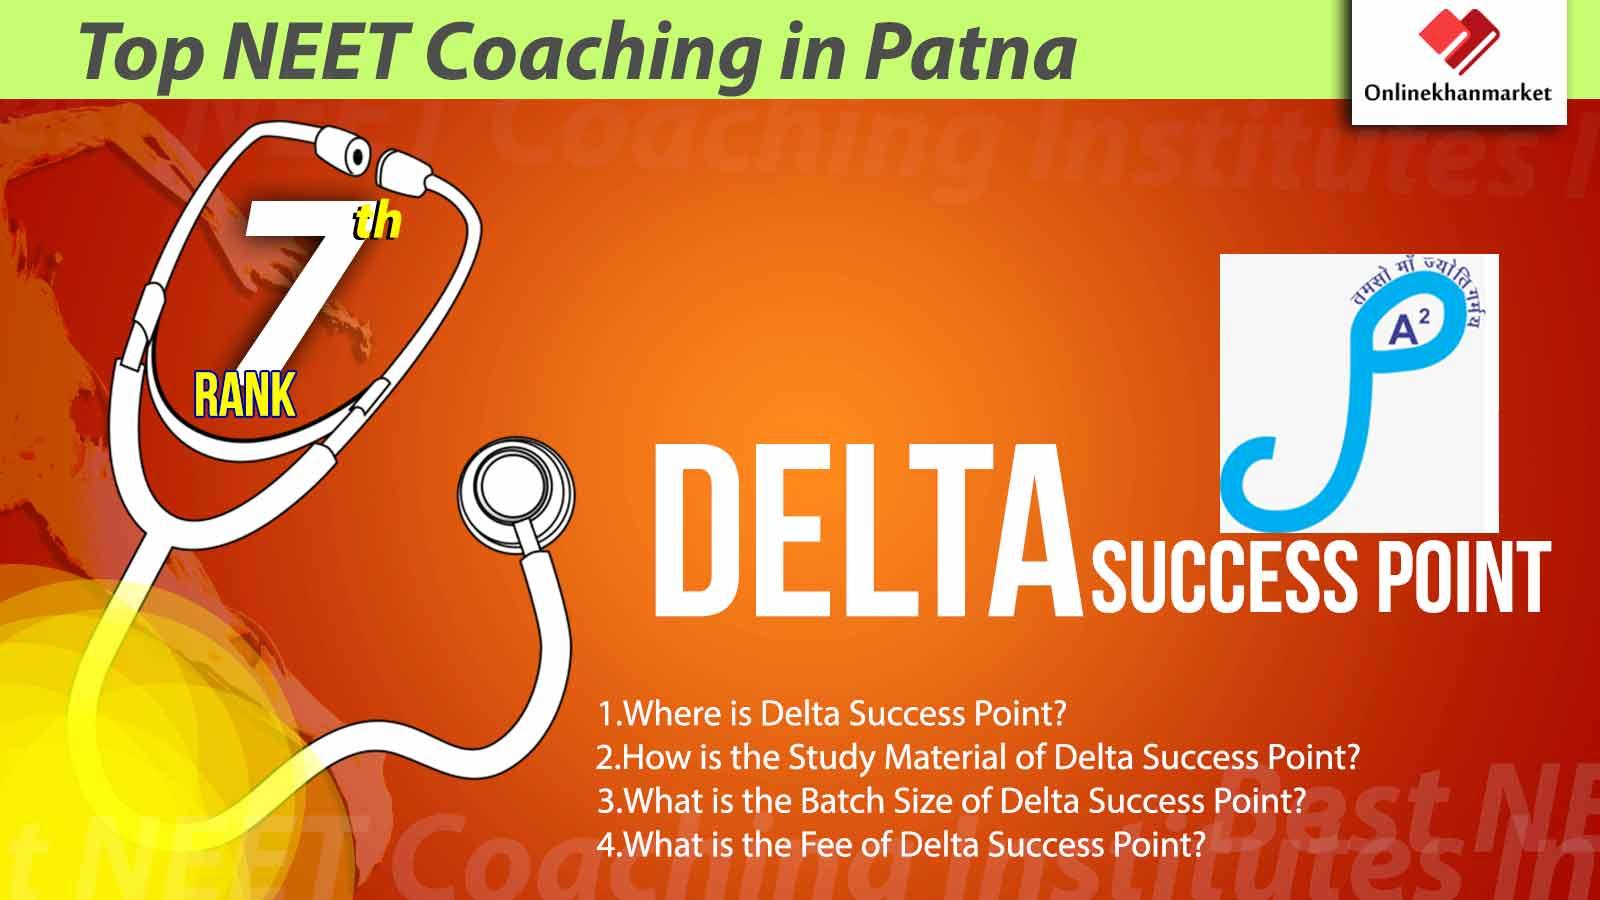 Neet Coaching in Patna